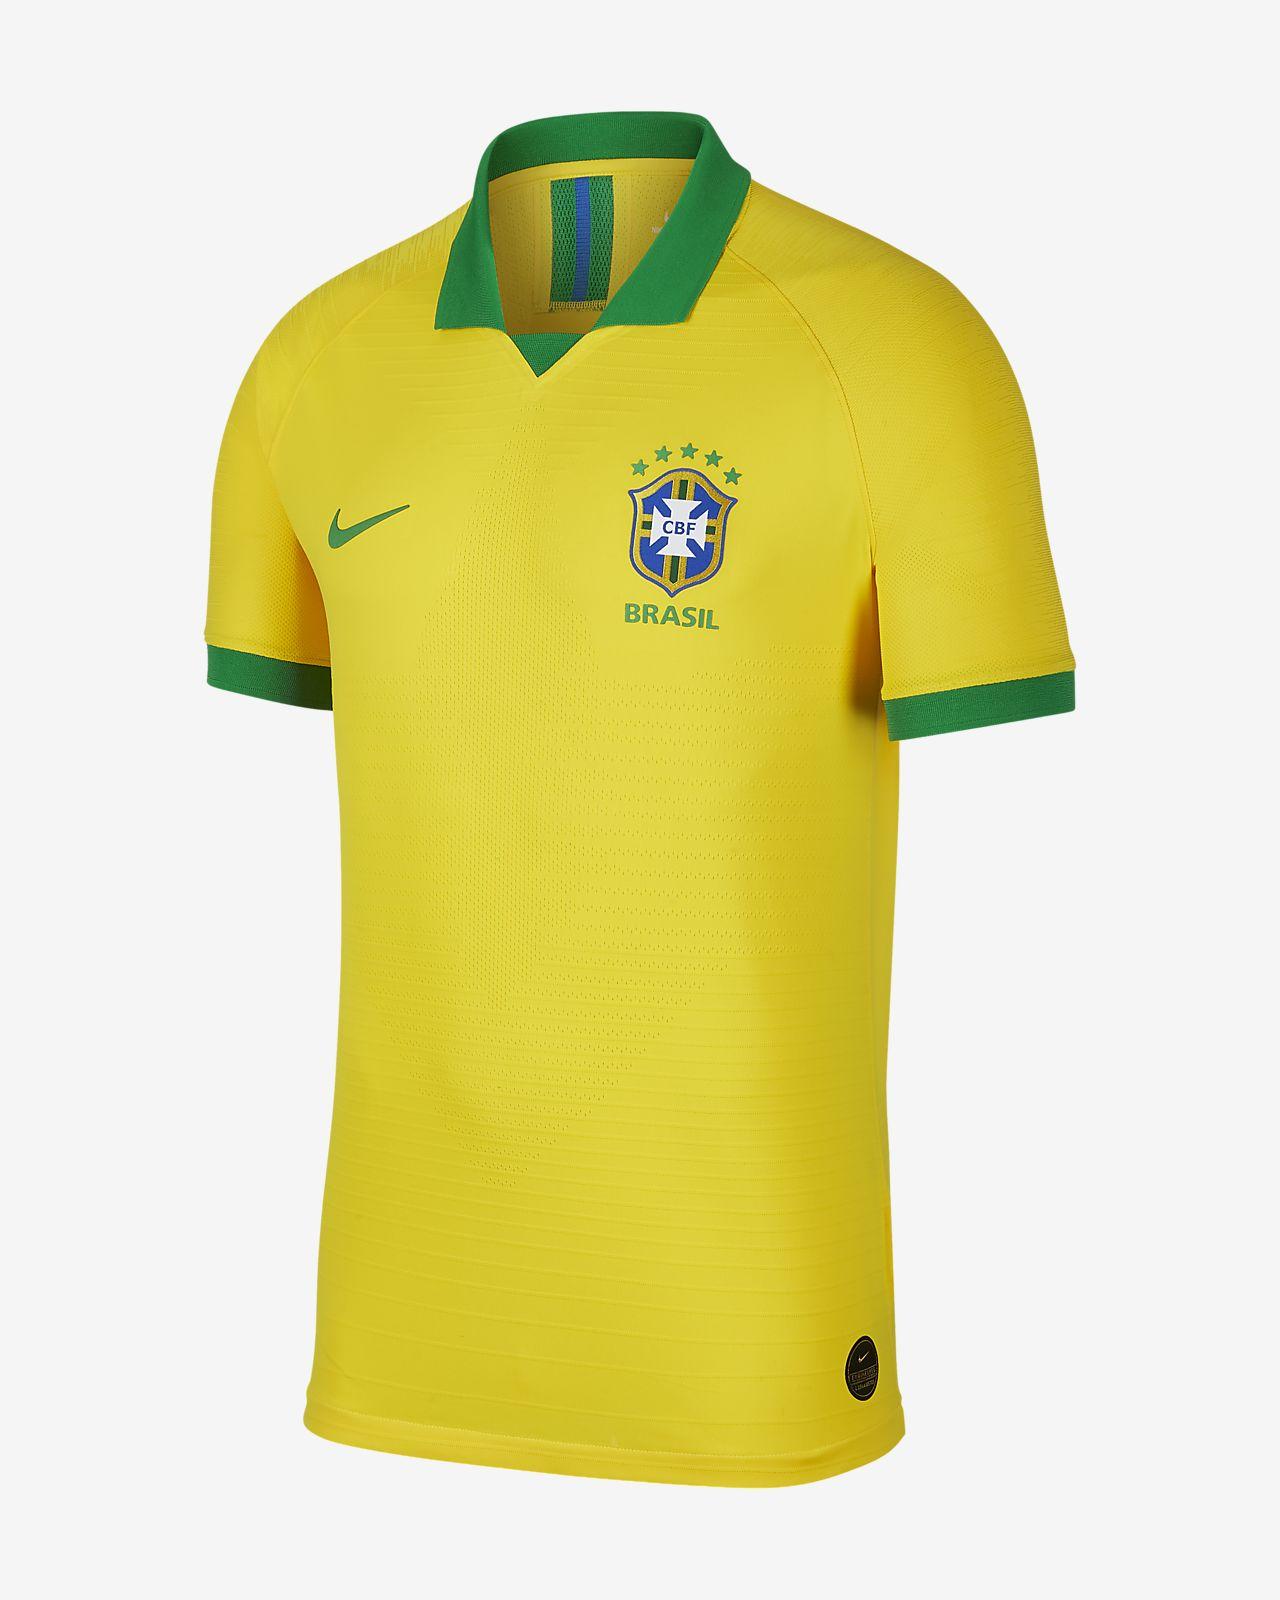 ブラジル ヴェイパー マッチ 2019 メンズ アウェイ ユニフォーム